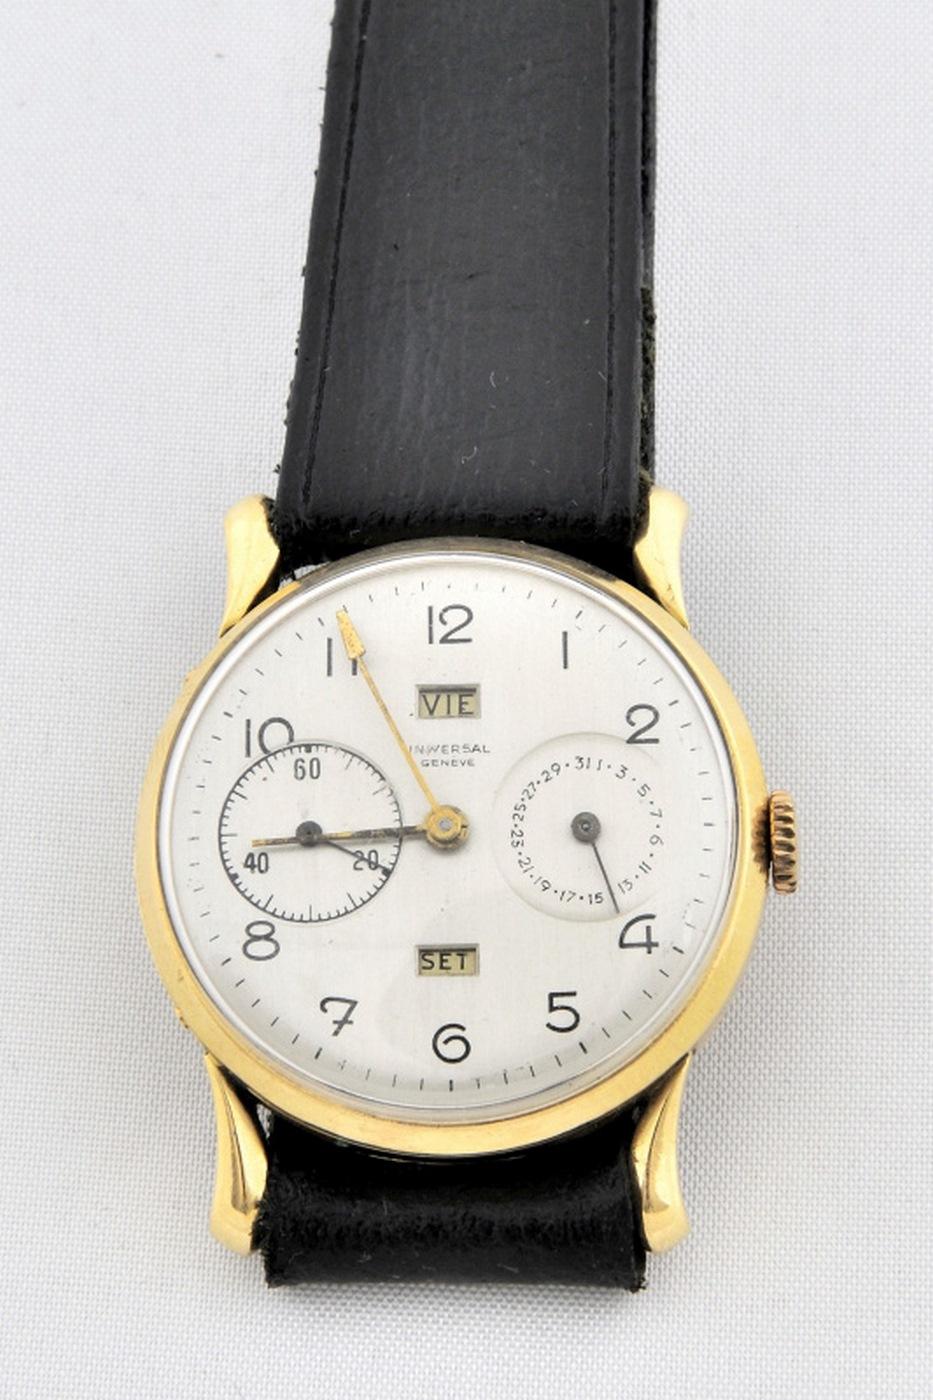 Universal Geneve. Reloj de pulsera de Funciones Complejas. Ca. 1945